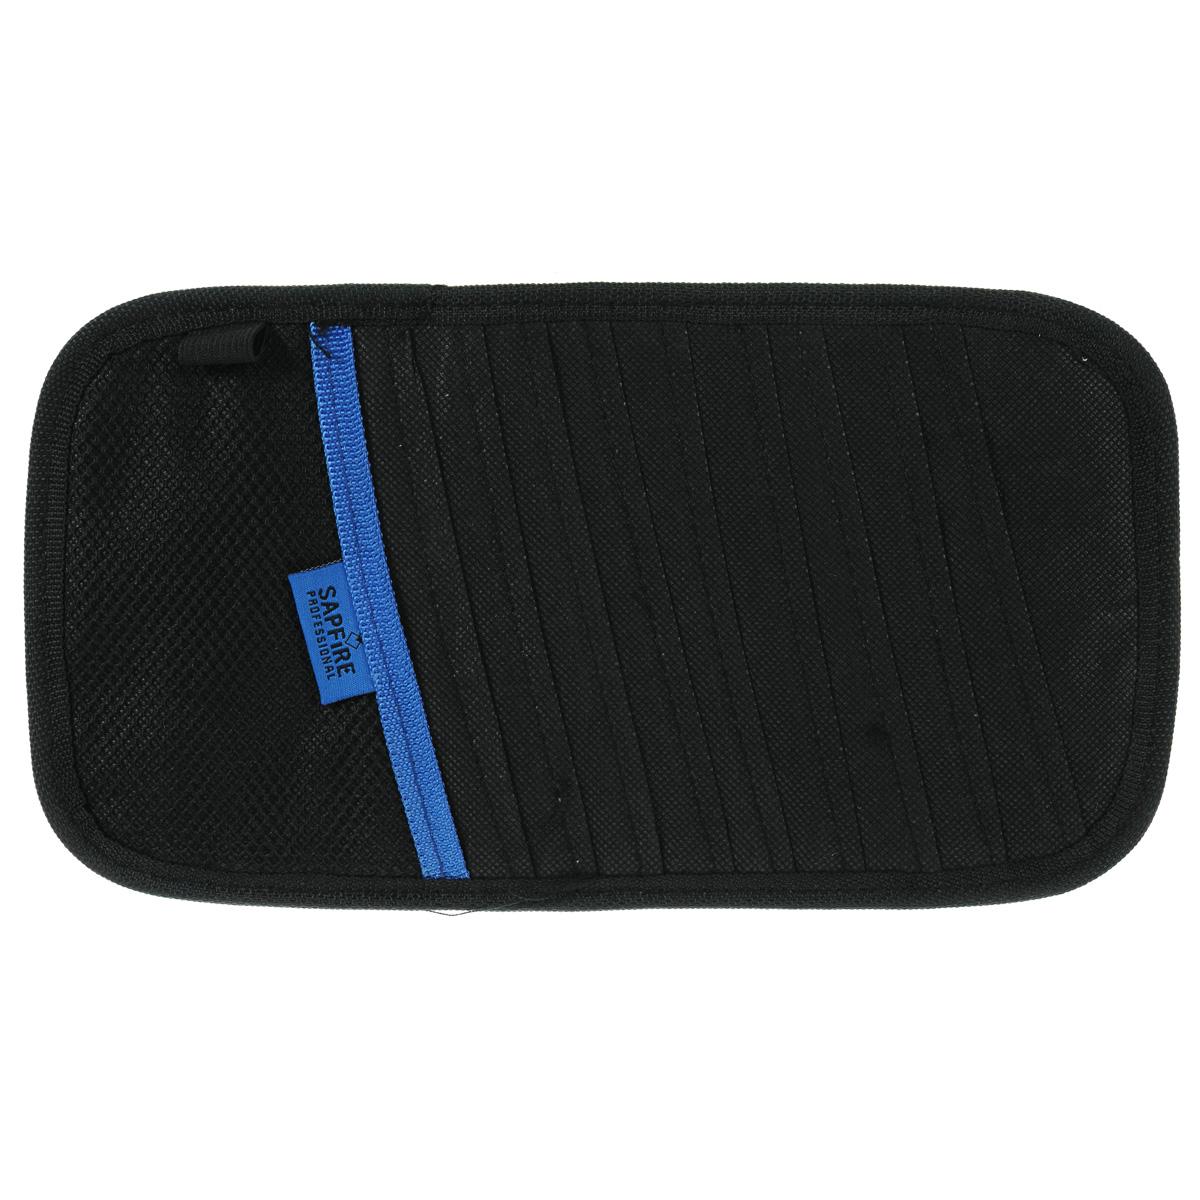 Карман для дисков на козырек Sapfire, 10 дисковSCH-0406Карман Sapfire вмещает 10 дисков. Удобное и функциональное хранение. Мягкий материал не повреждает диски. Дополнительный карман позволяет хранить перед глазами разнообразные мелочи.Состав: нетканый материал, полиэстер.